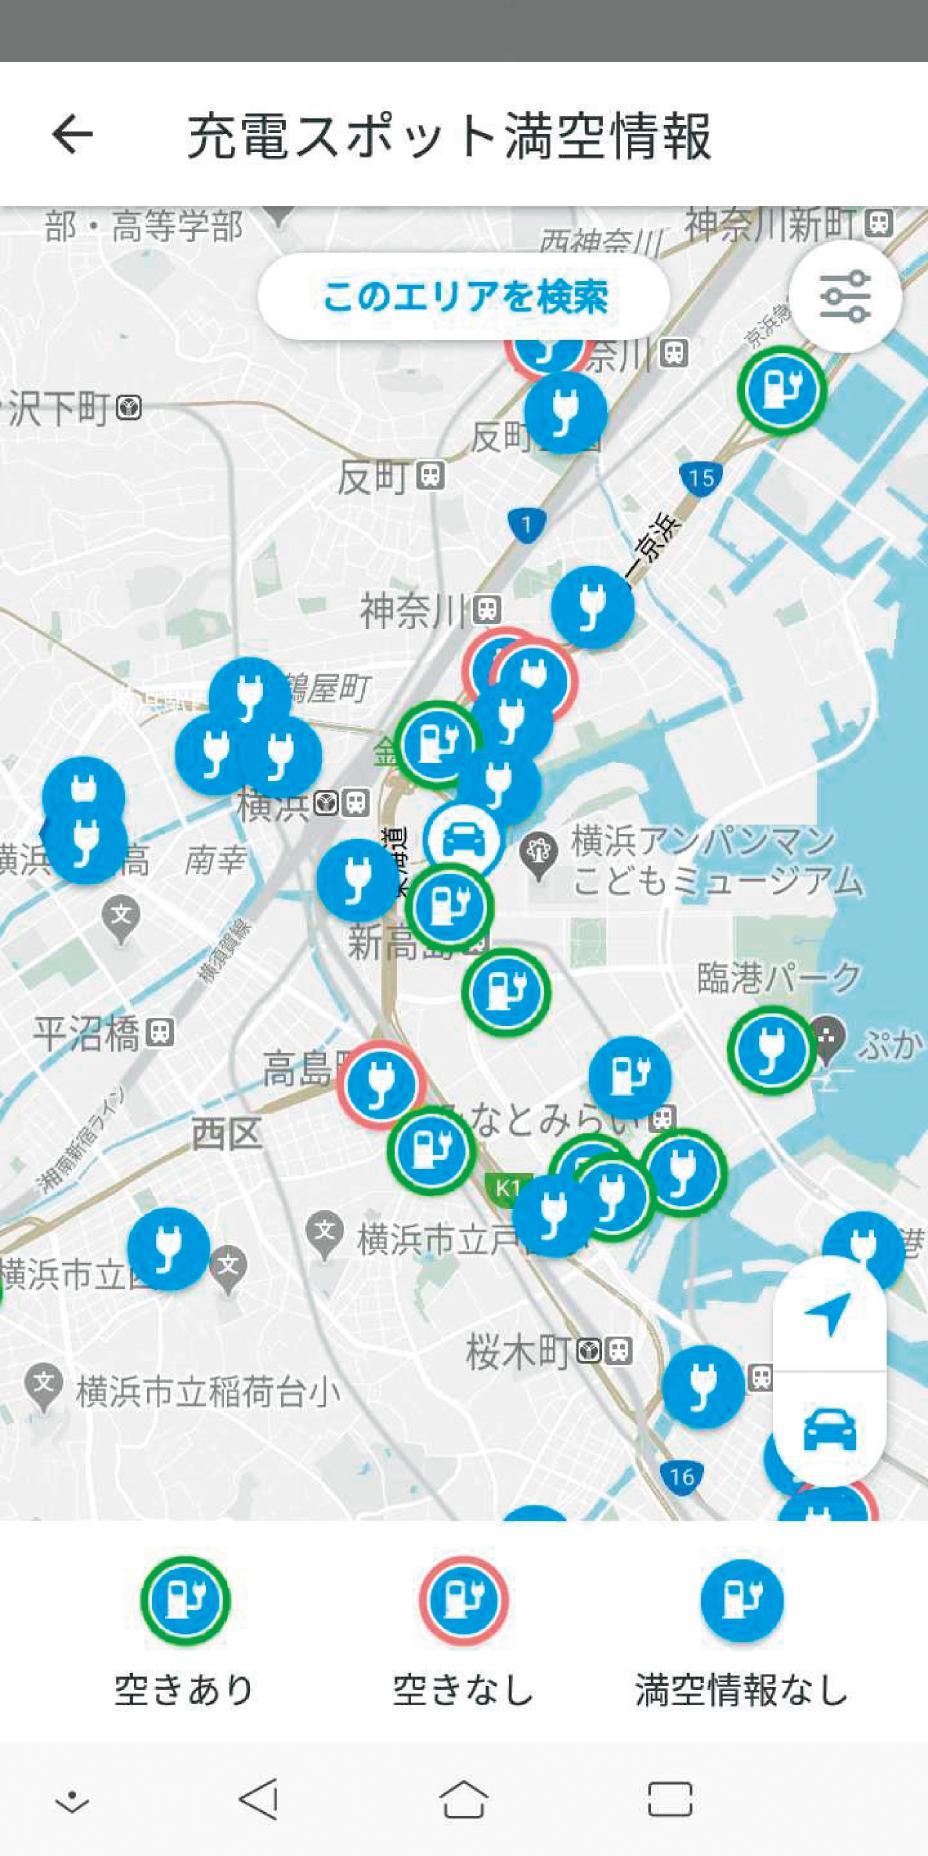 Ev Charging Stations Map >> Nissanconnect Ev Charging Station Map